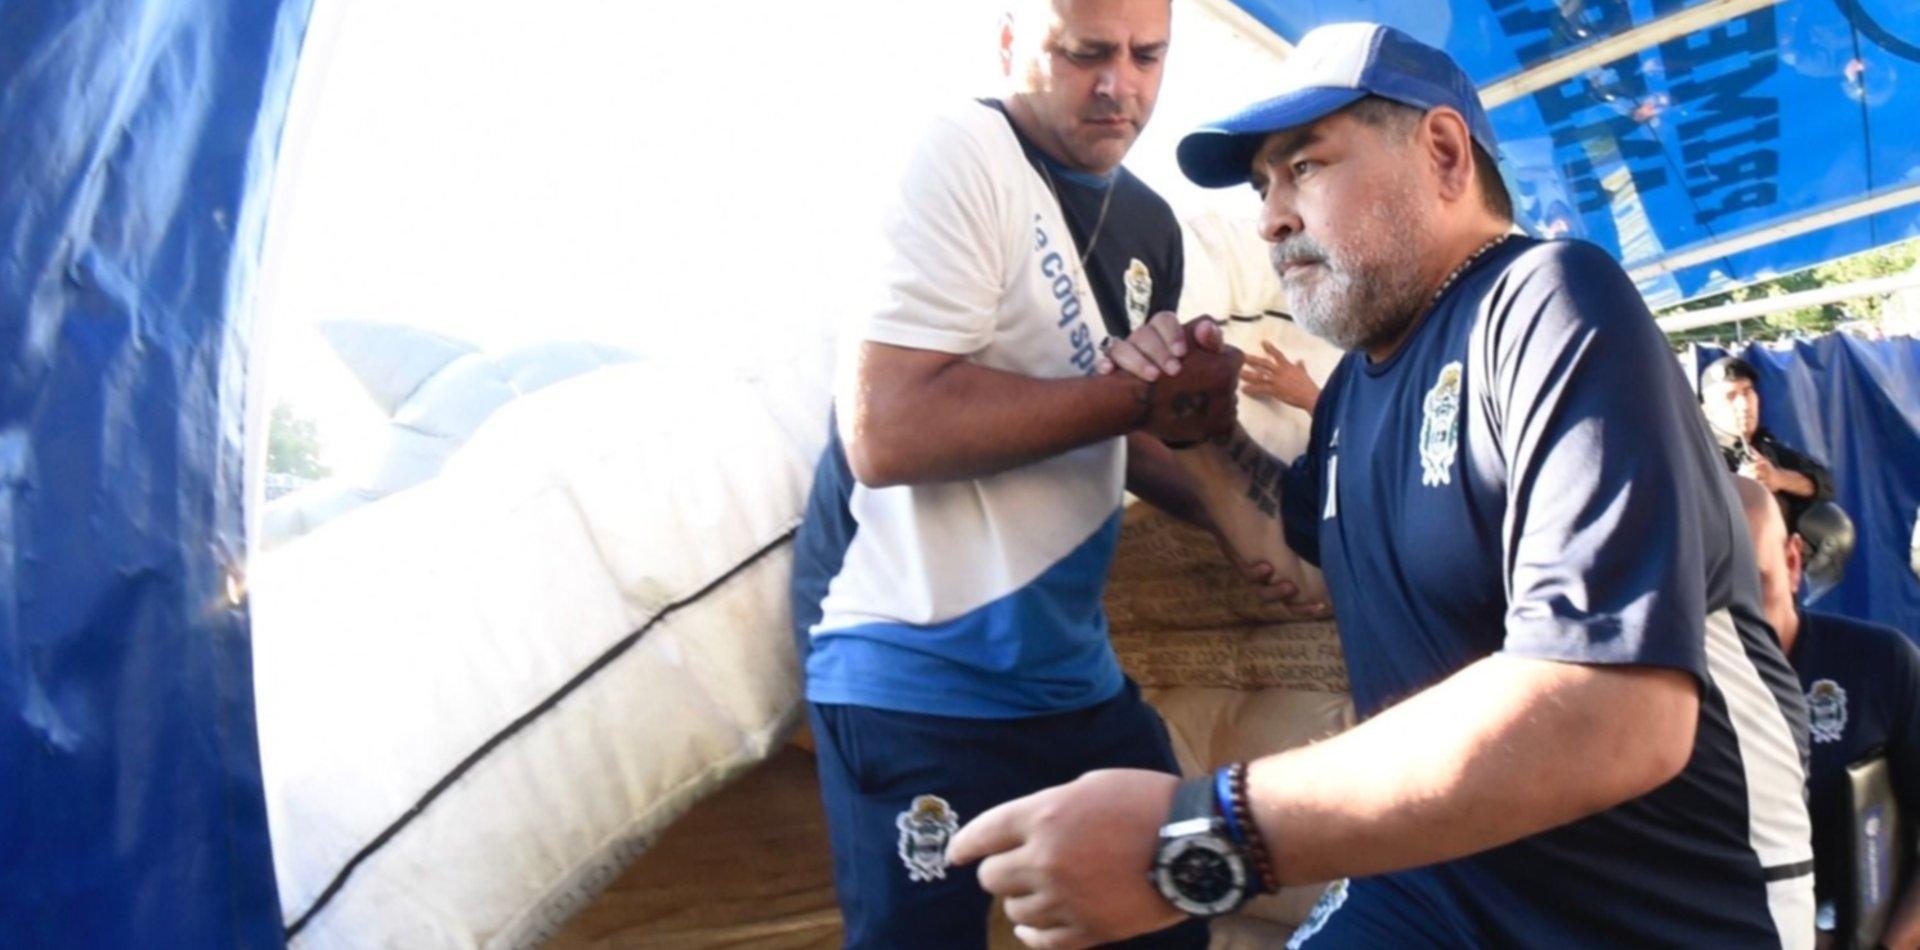 Gimnasia debuta ante Patronato el mismo día que el cumpleaños de Maradona